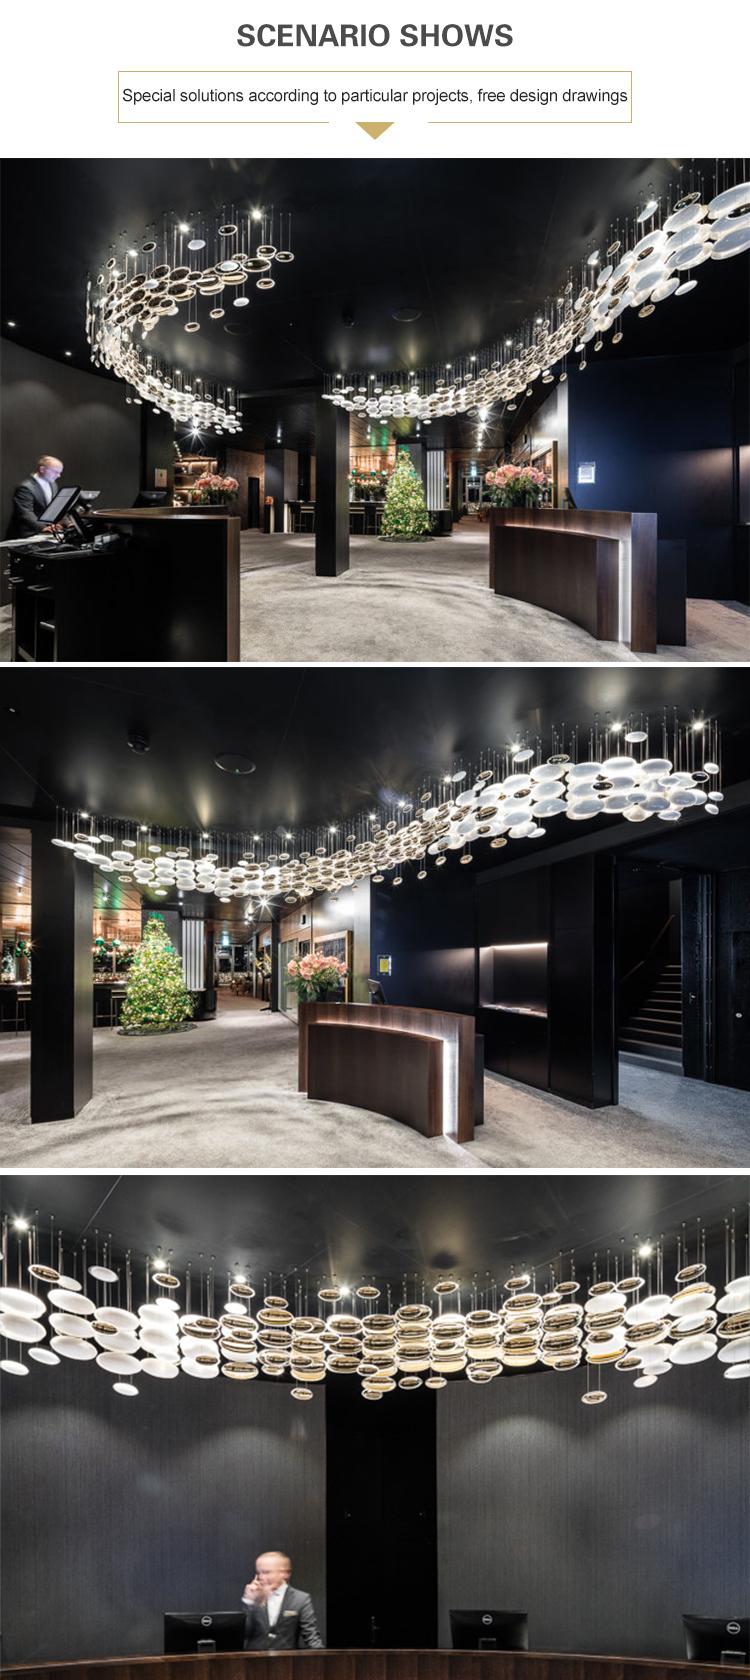 Projeto de design moderno, grande e fascinante, salão de banquetes personalizado com luz LED lustre